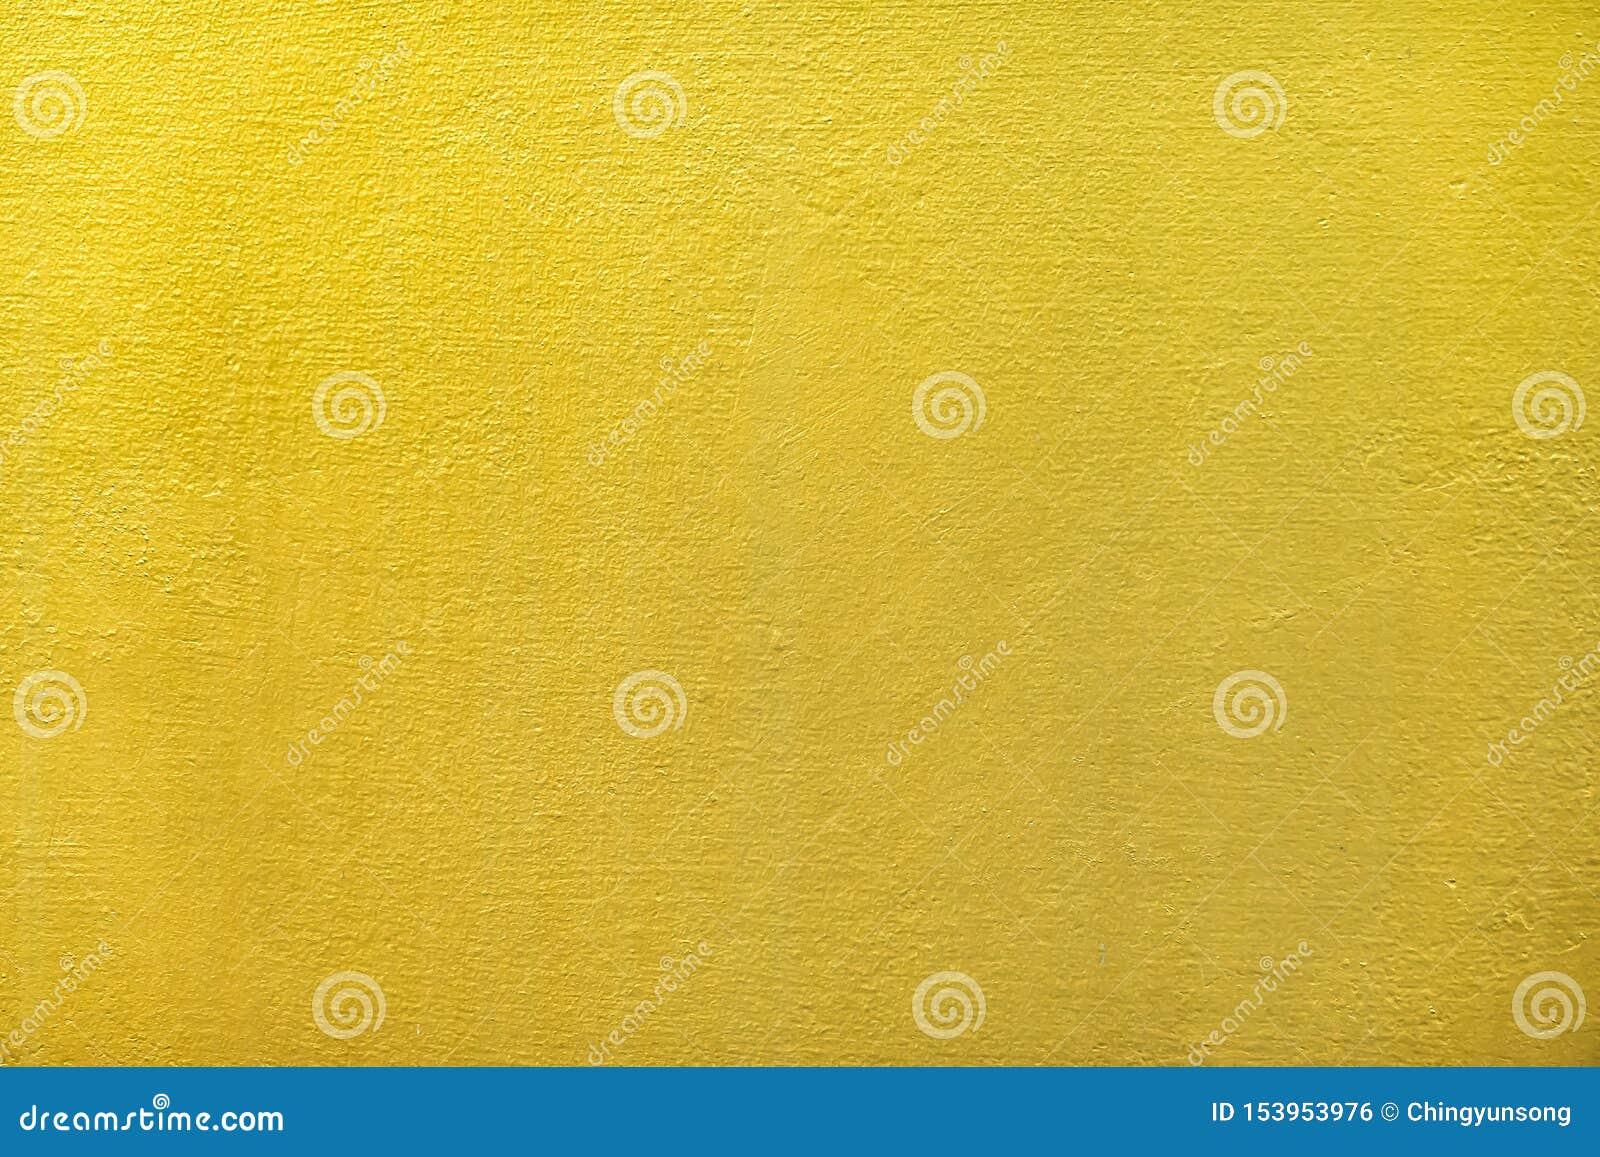 Złota lub folii ściany farba dla